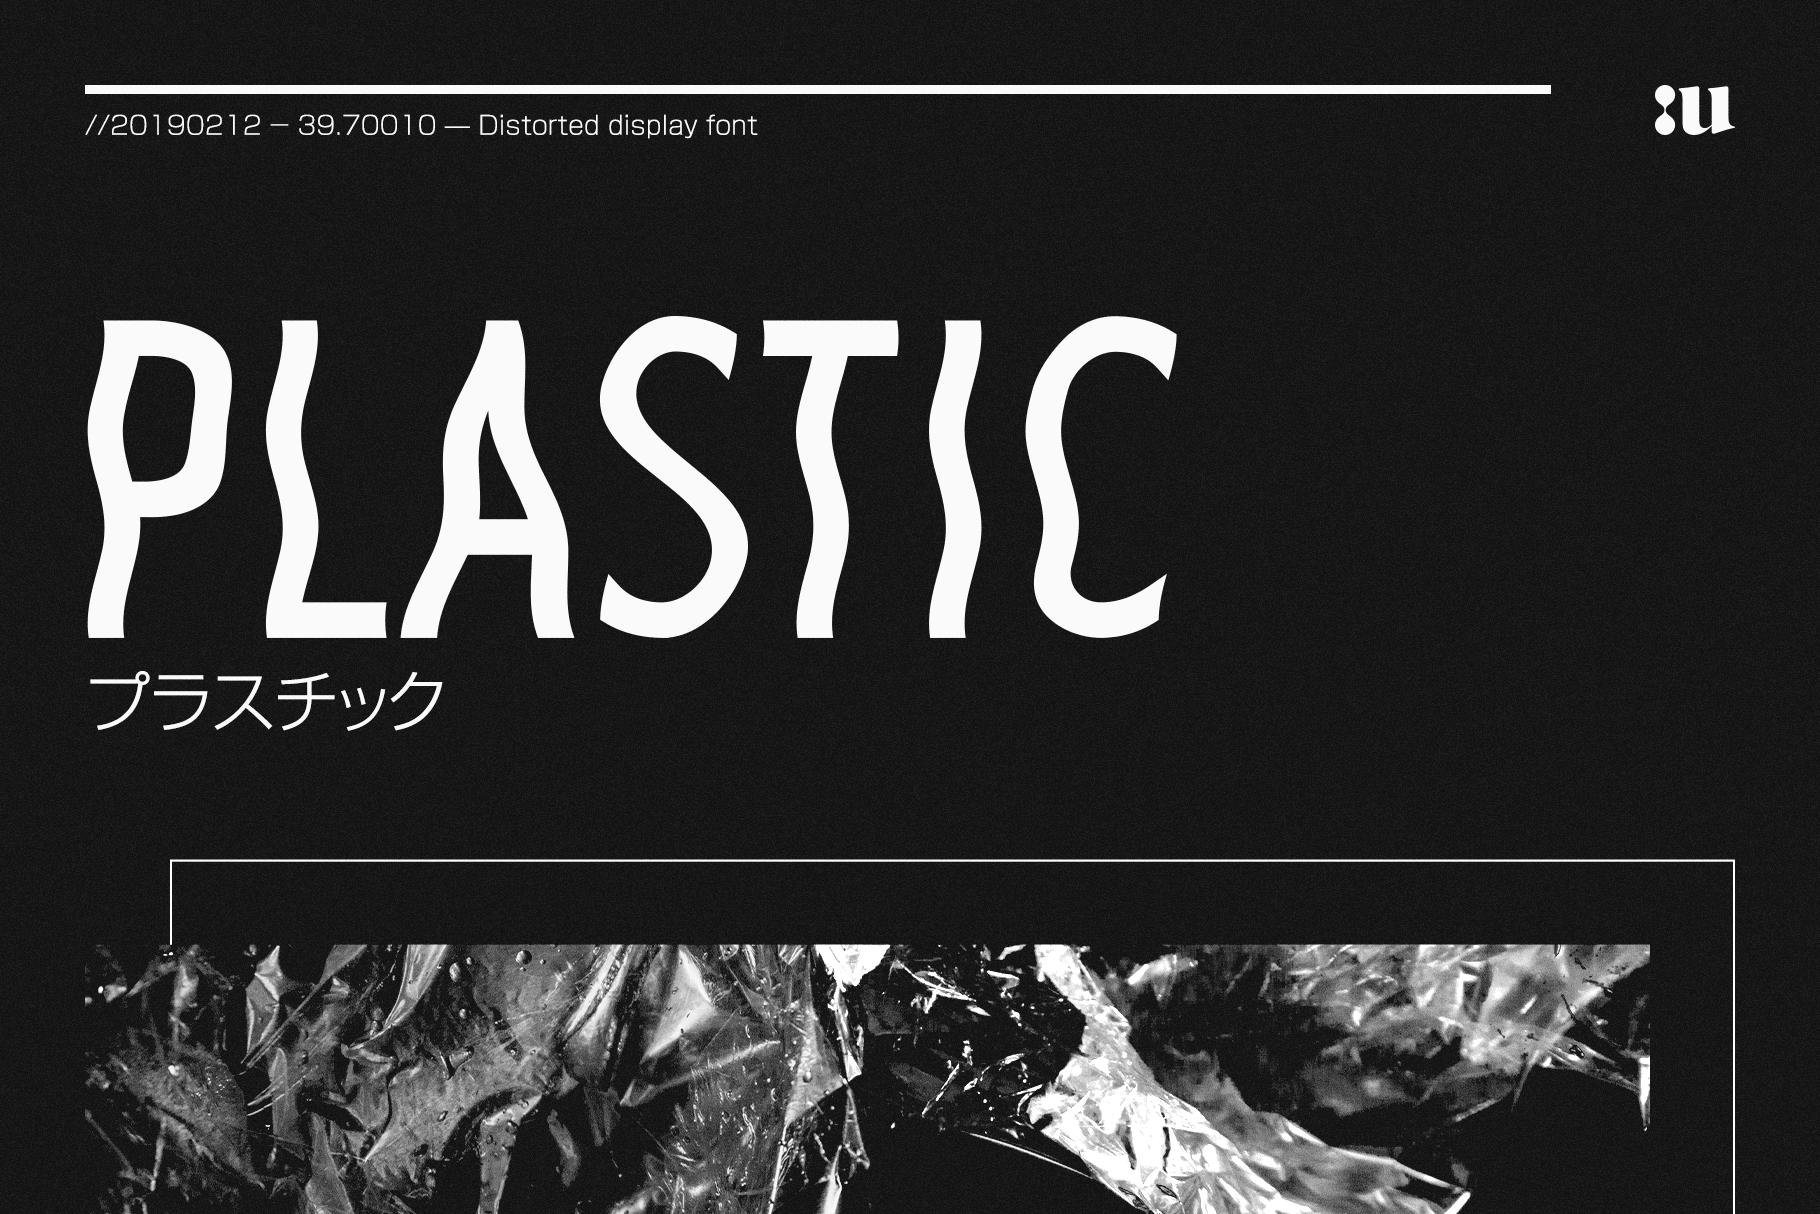 Plastic Sans Free Font